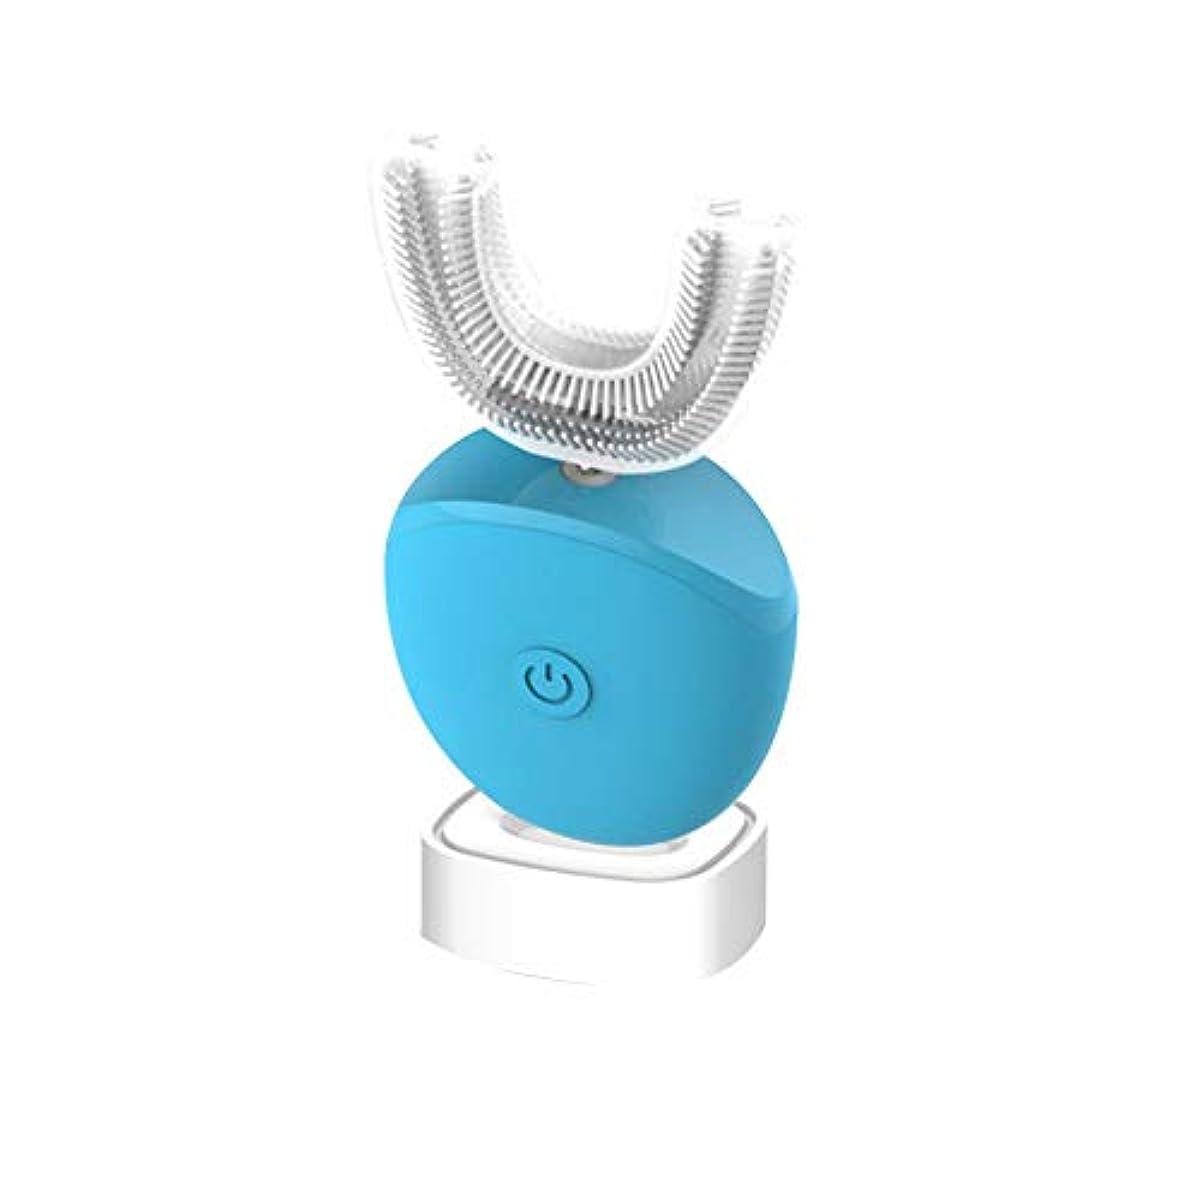 地上でハム記念品フルオートマチック可変周波数電動歯ブラシ、自動360度U字型電動歯ブラシ、ワイヤレス充電IPX7防水自動歯ブラシ(大人用),Blue